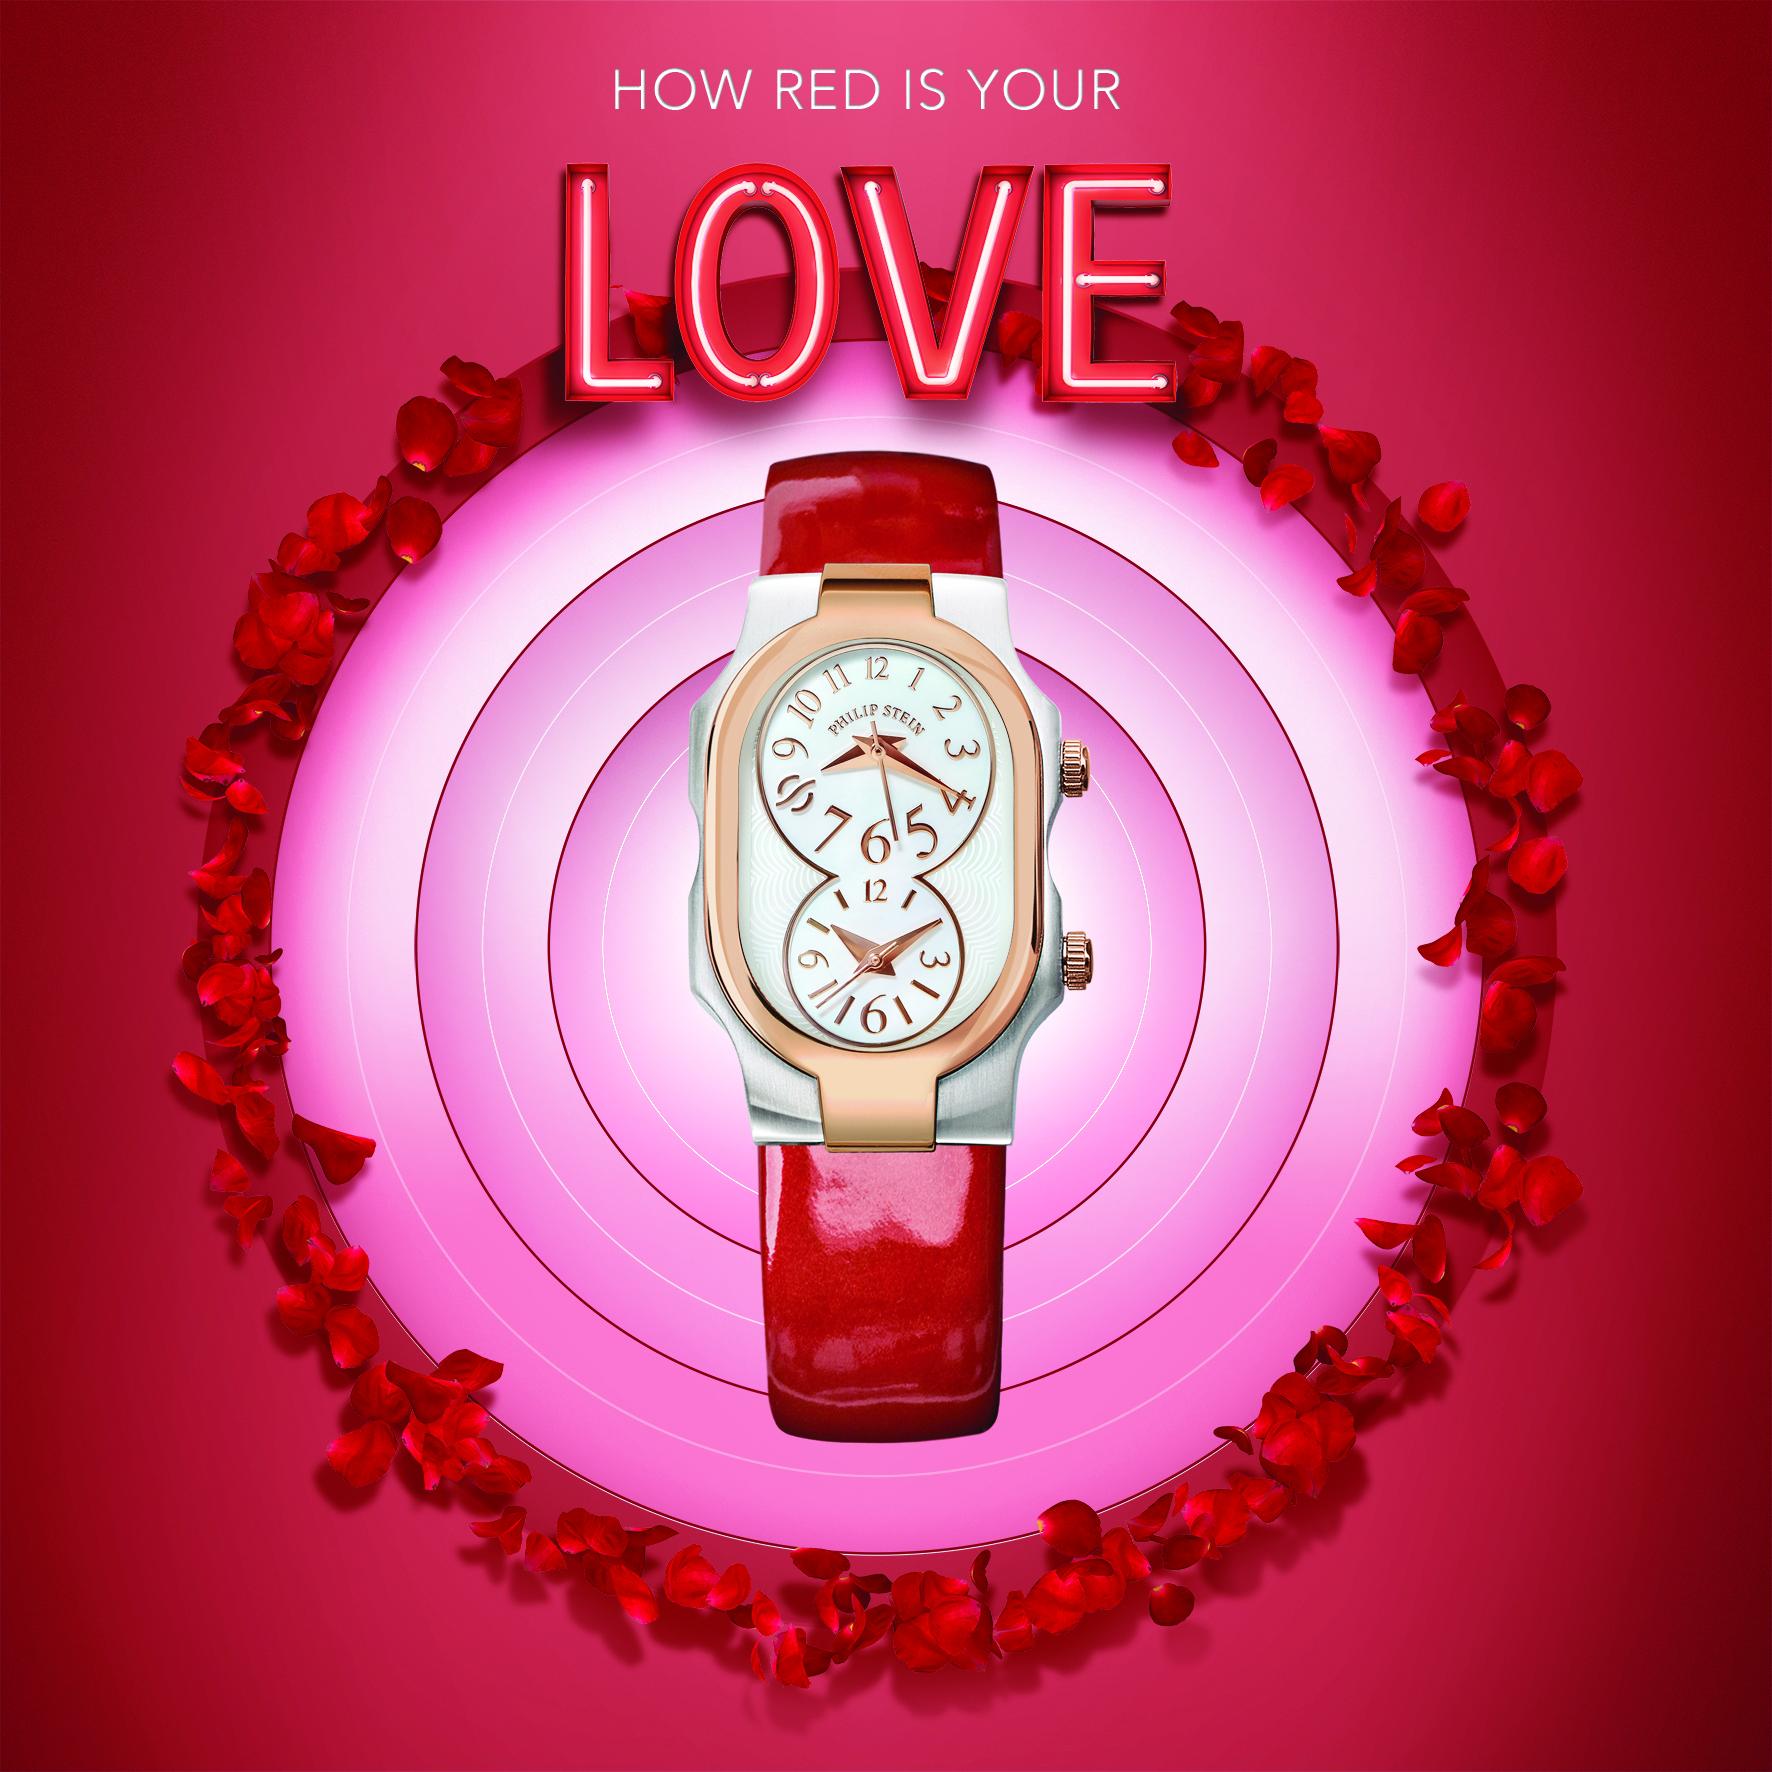 red love dualtime.jpg